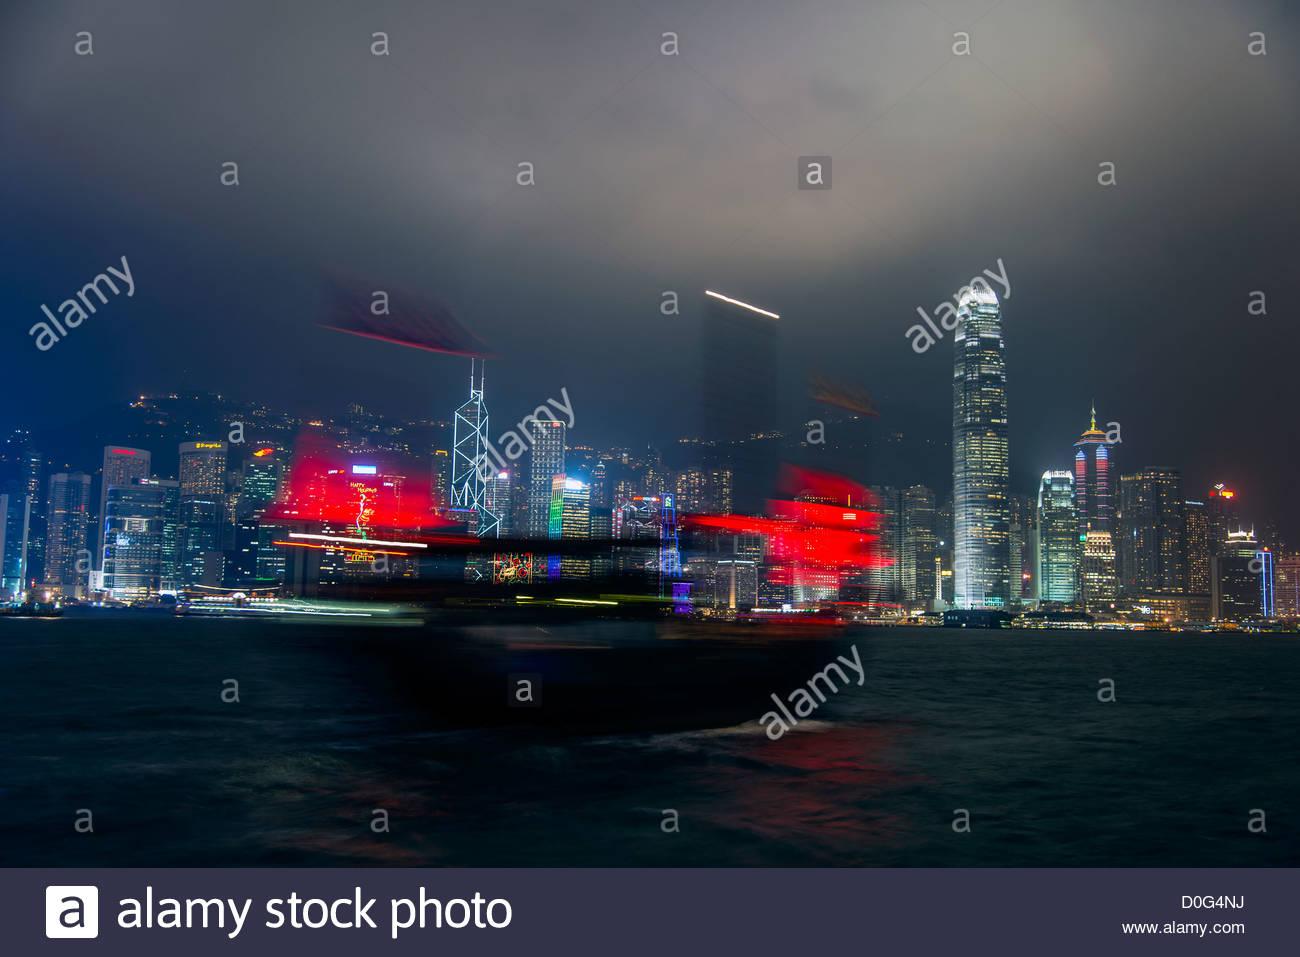 Junk-e-Bewegungsunschärfe mit Nacht Skyline im Hintergrund, Hong Kong, China Stockbild